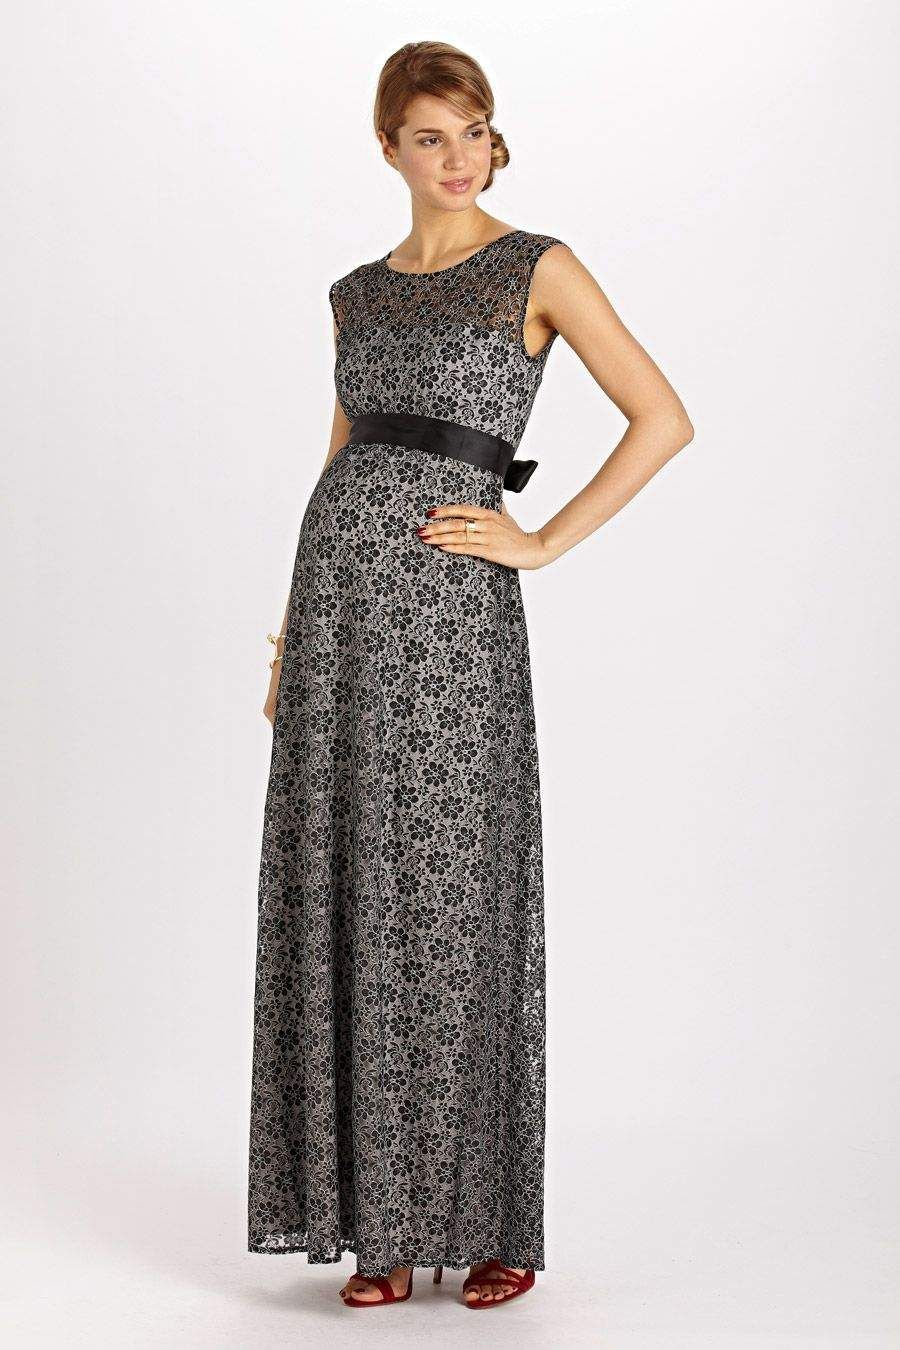 Empire Kleid aus Spitze  Kleid spitze, Empire kleid, Kleider